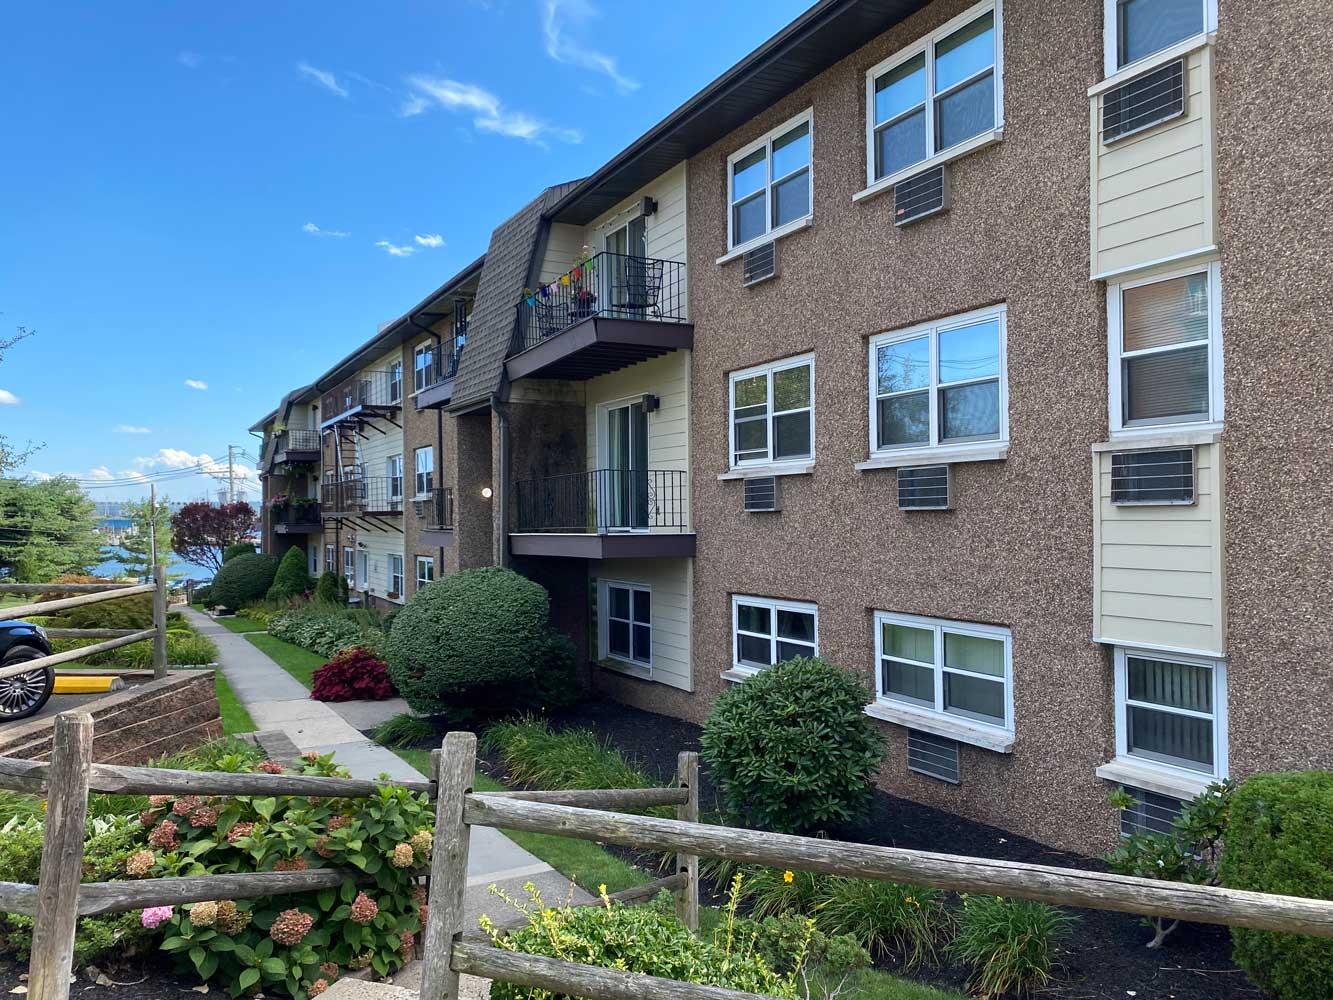 Apartments for Rent at River Edge at Nyack Apartments in Nyack, NY